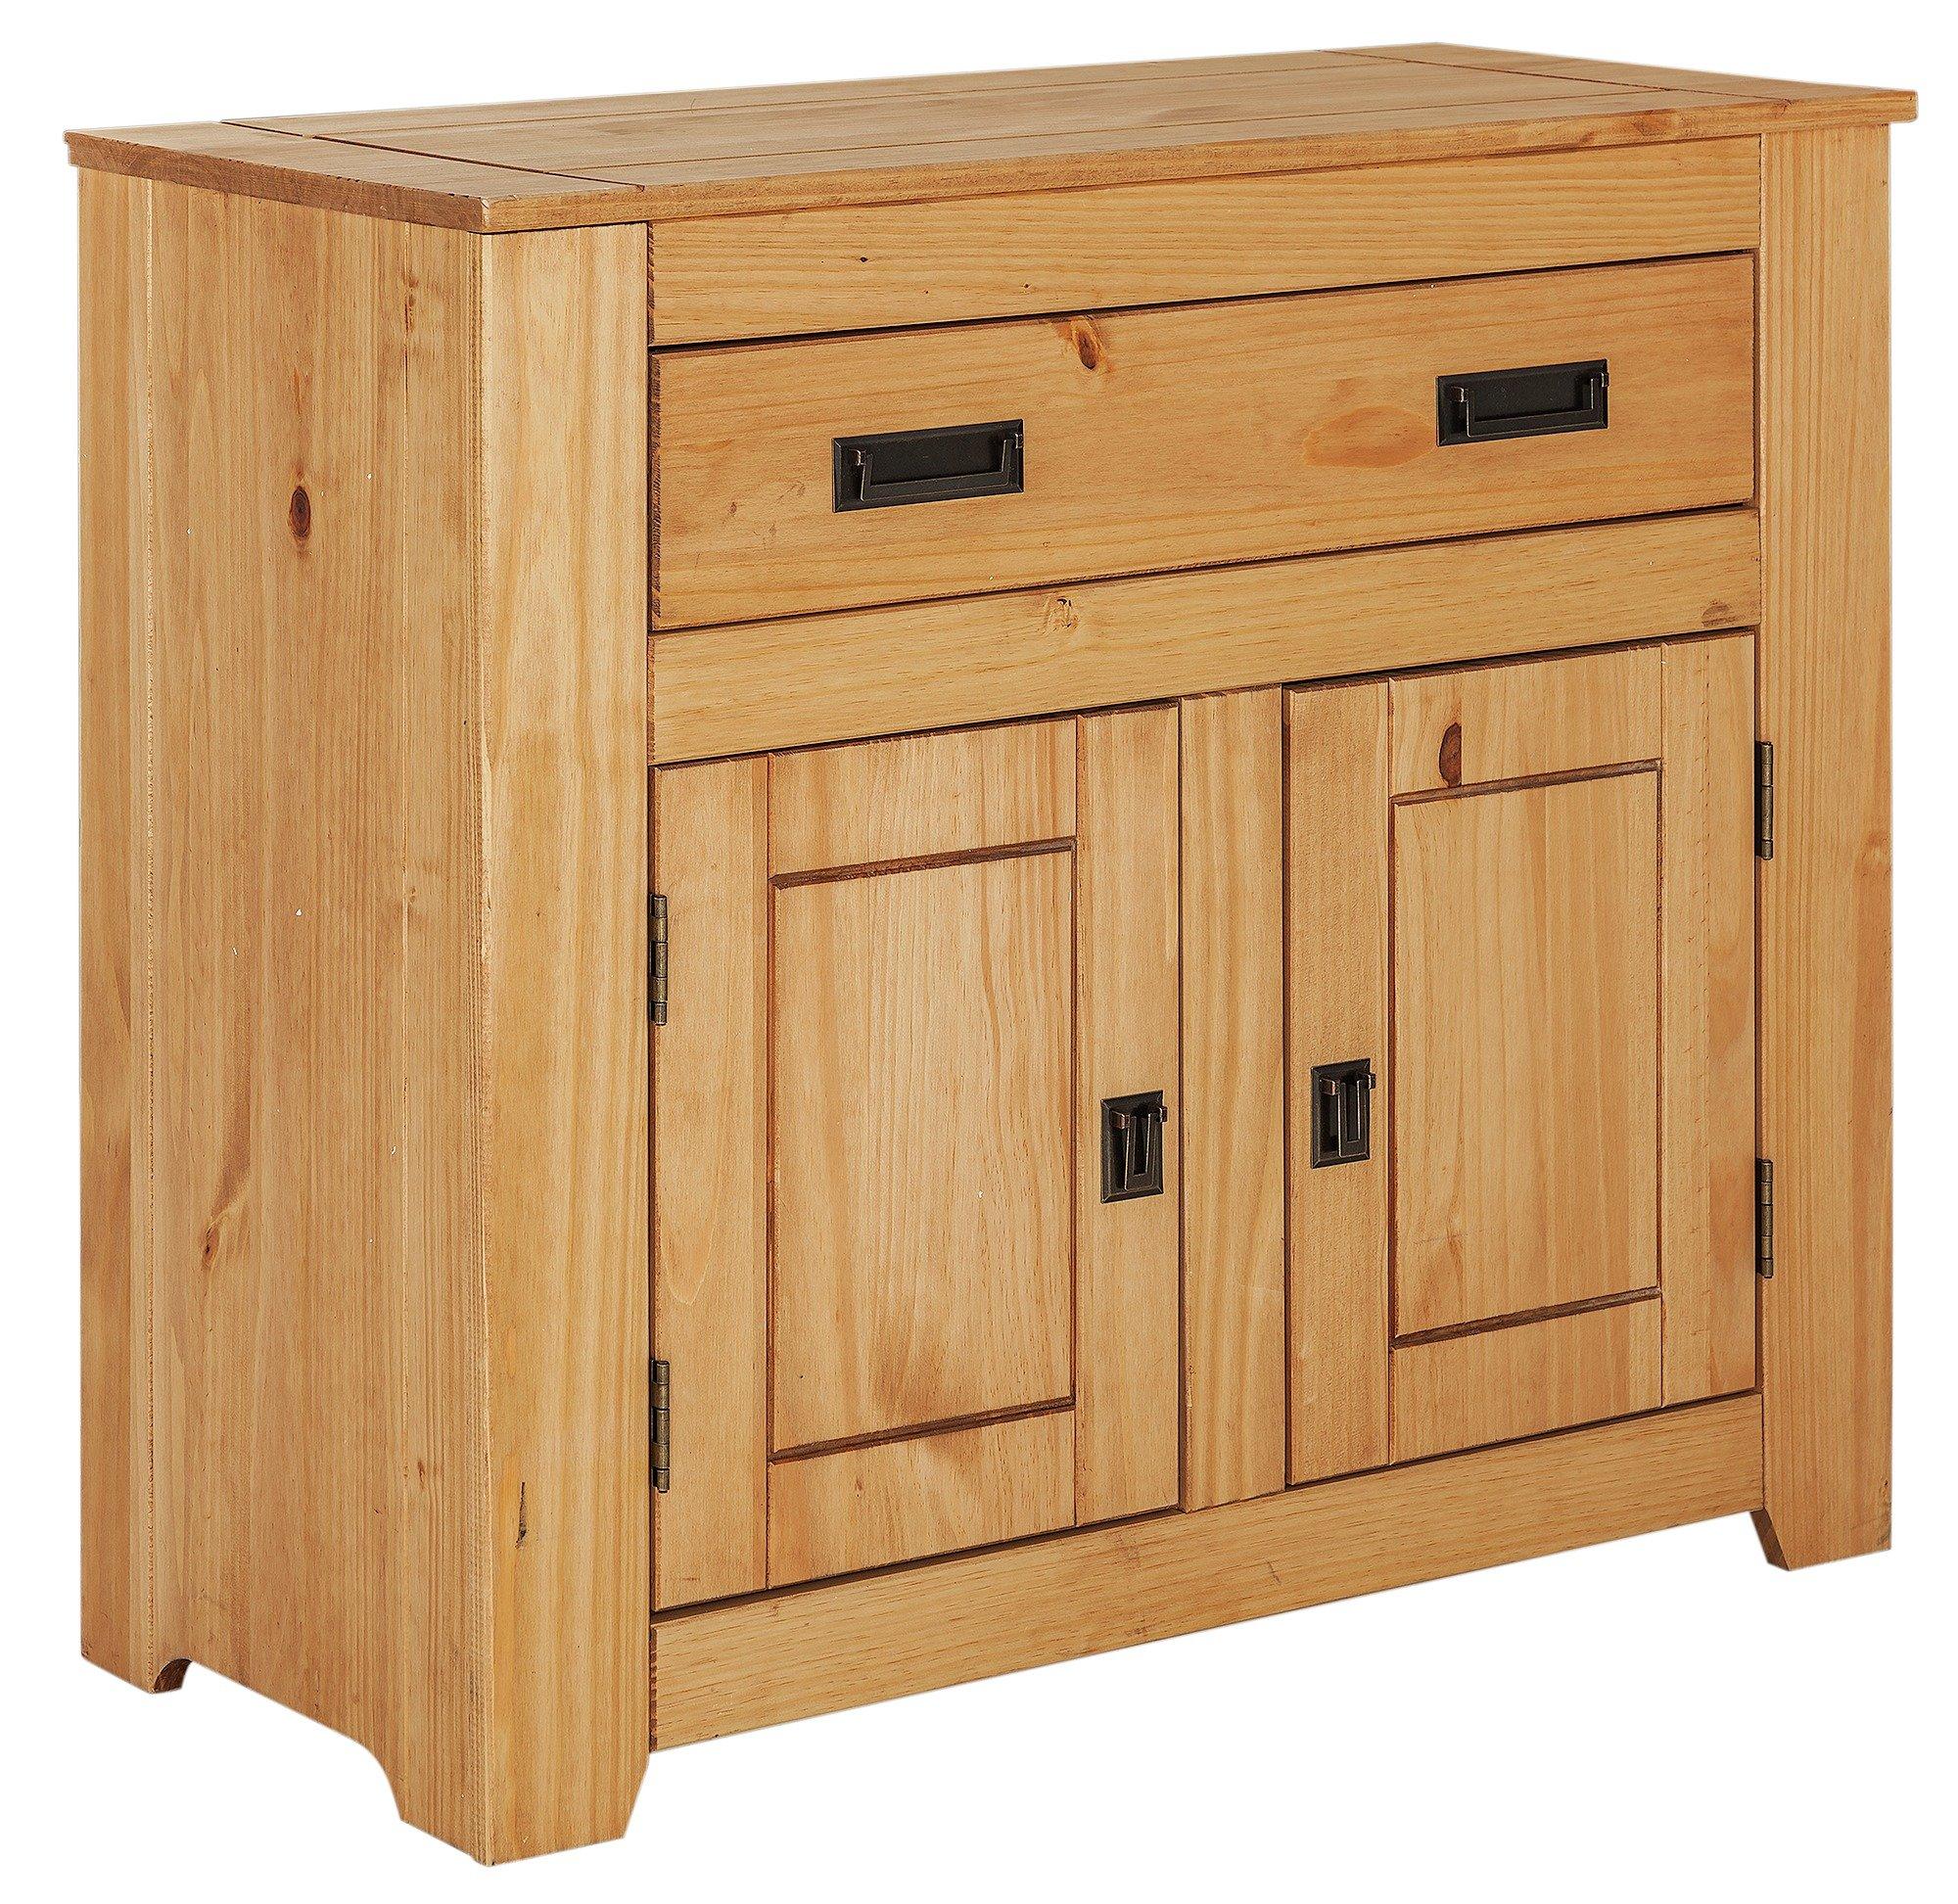 'Penton 2 Door 1 Drawer Solid Pine Sideboard